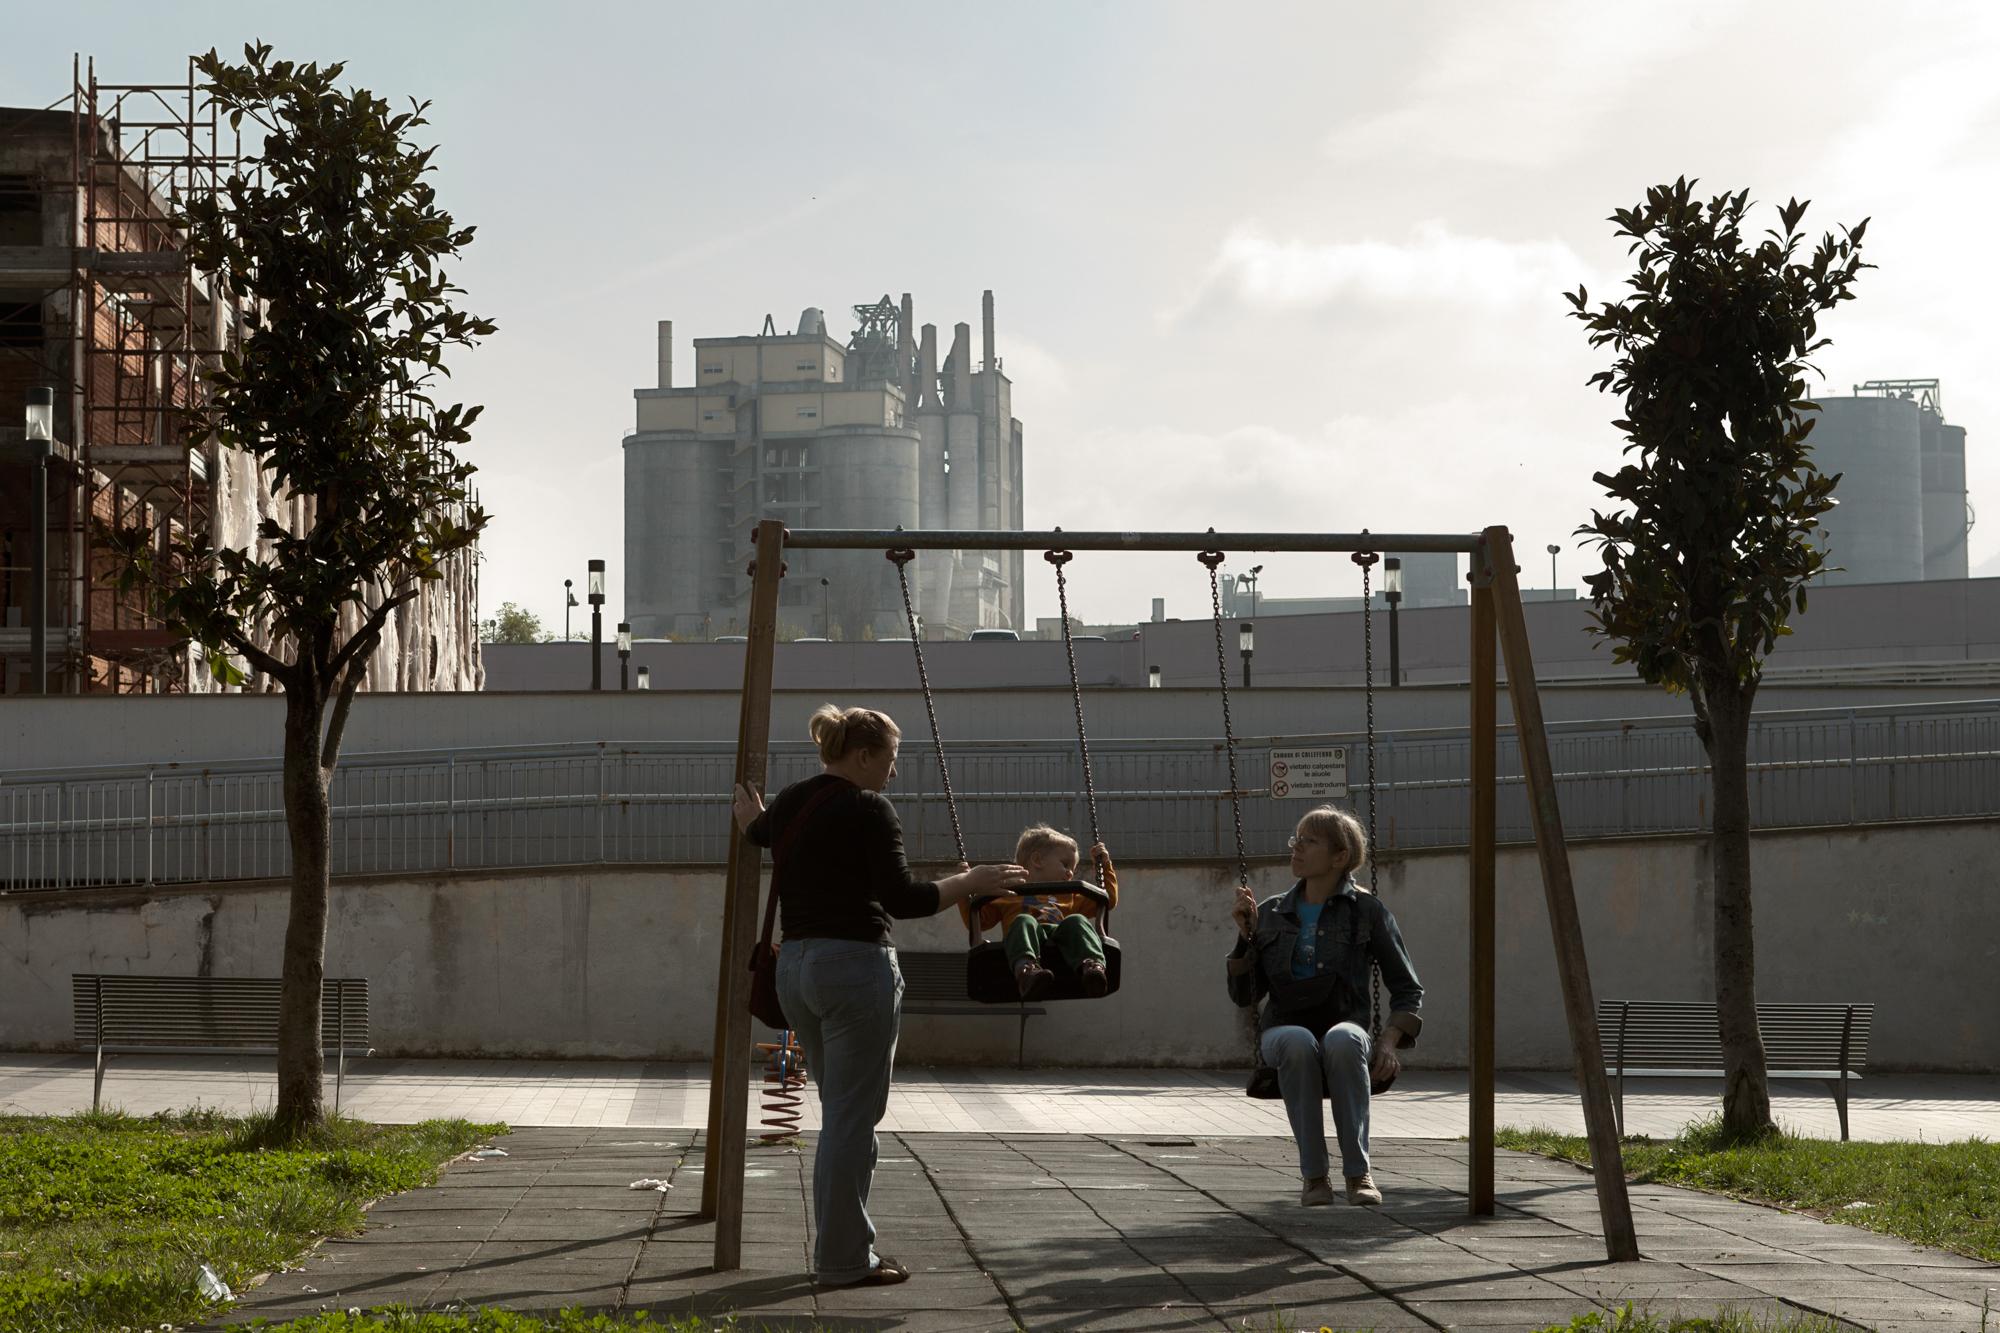 Parco giochi comunale adiacente al cementificio e a poche centinaia di metri dai termovalorizzatori.Colleferro, novembre 2013